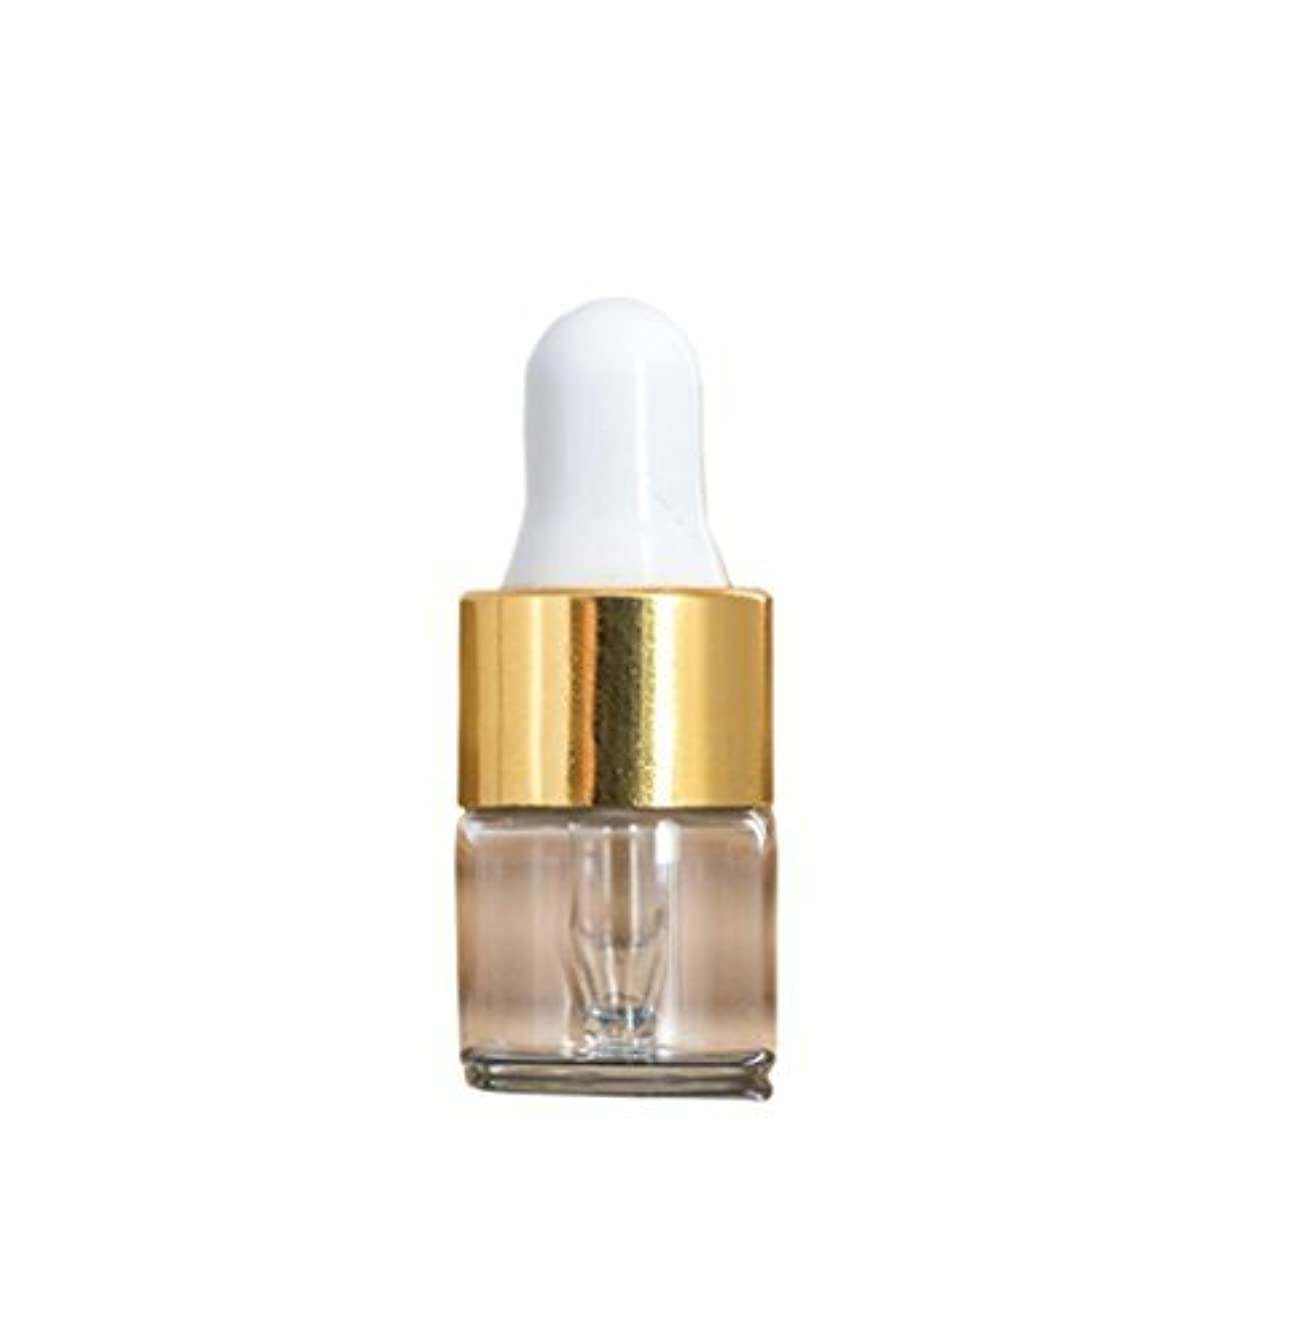 ピグマリオン数字無臭Clear Glass Mini 1ml 15 Pcs Refillable Essential Oil Dropper Bottles Containers Cosmetic Sample Bottles Aromatherapy...